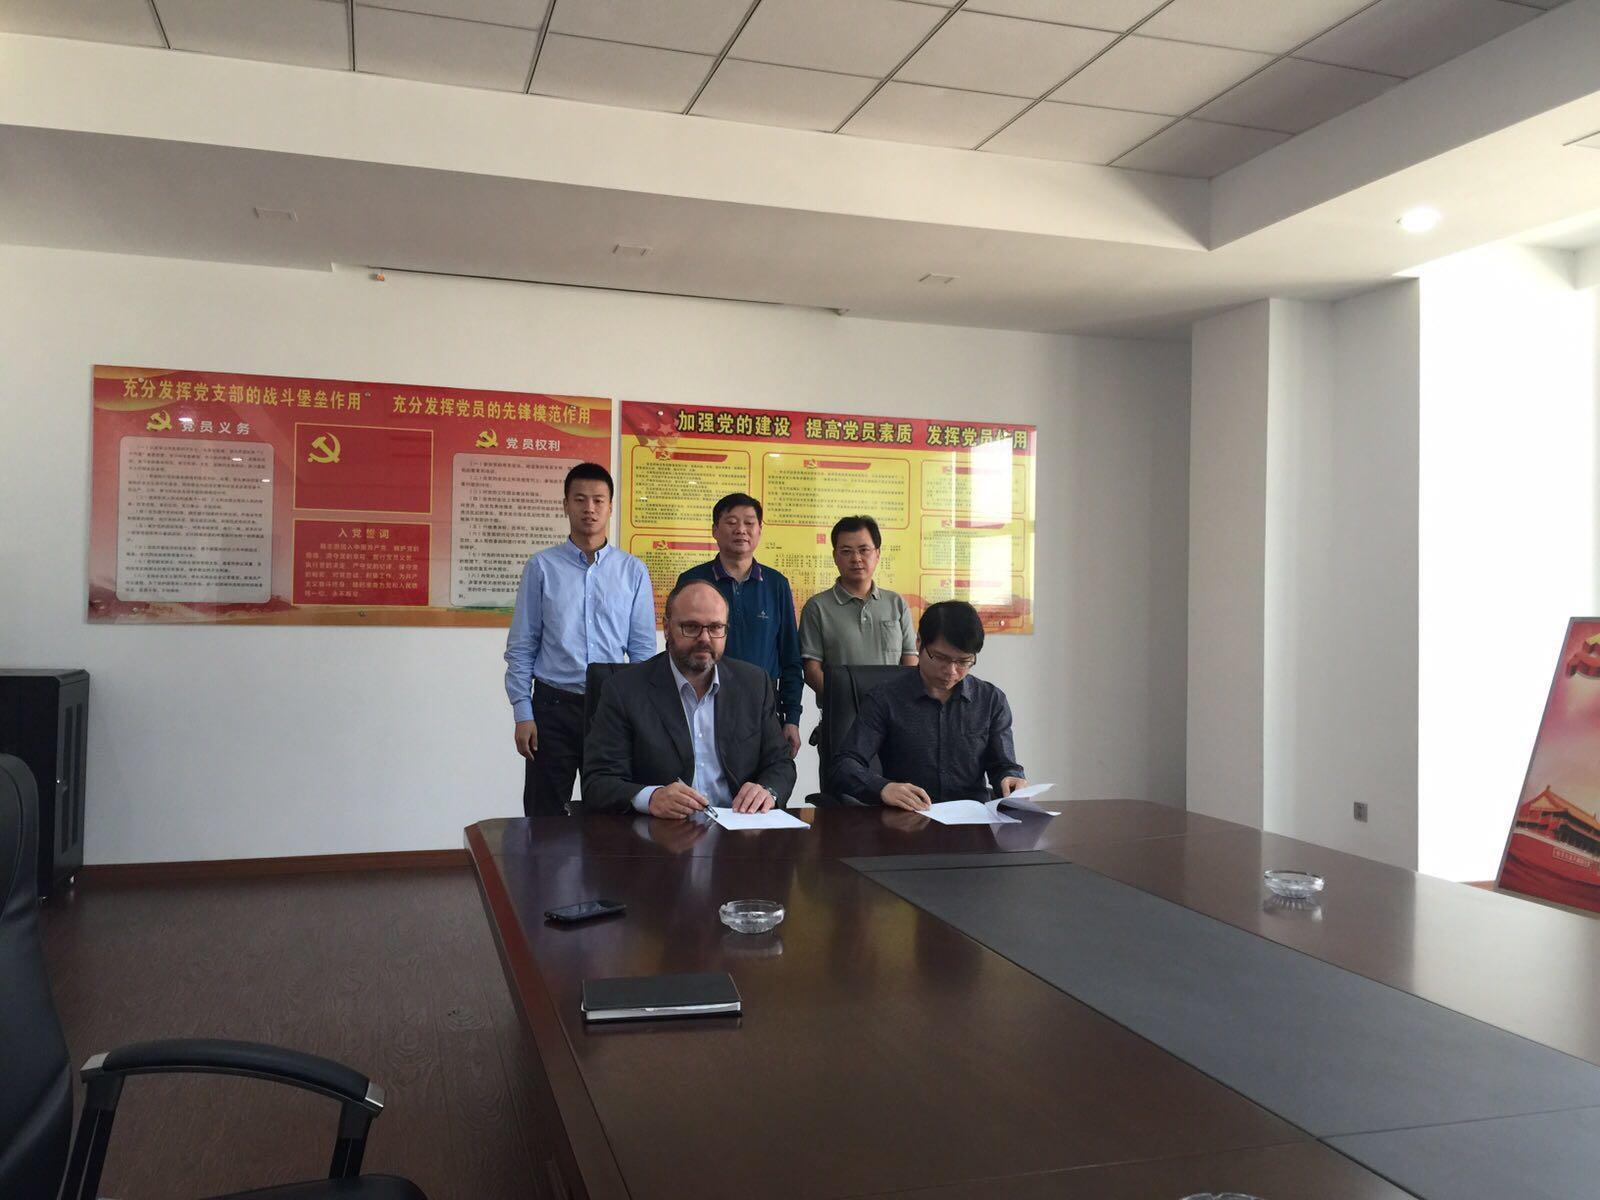 Ondertekening-MOU-met-Chinese-partner-Ruier-Wuxi